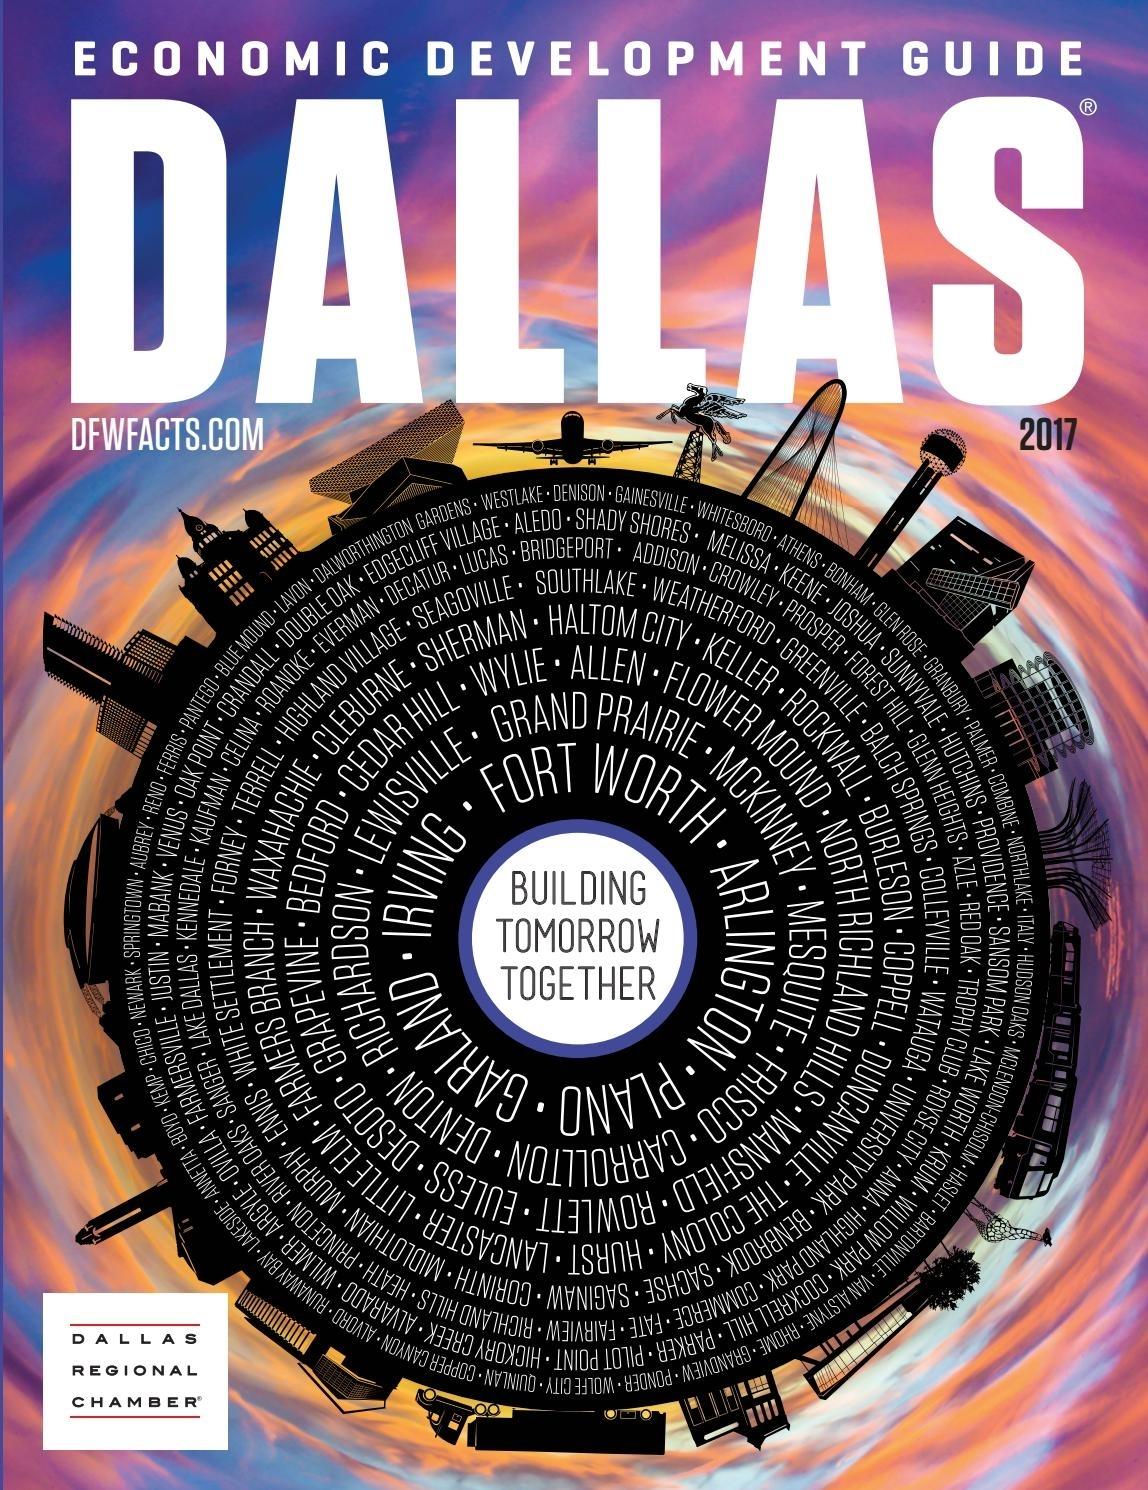 Dallas Economic Development Guide - 2017 By Dallas Regional